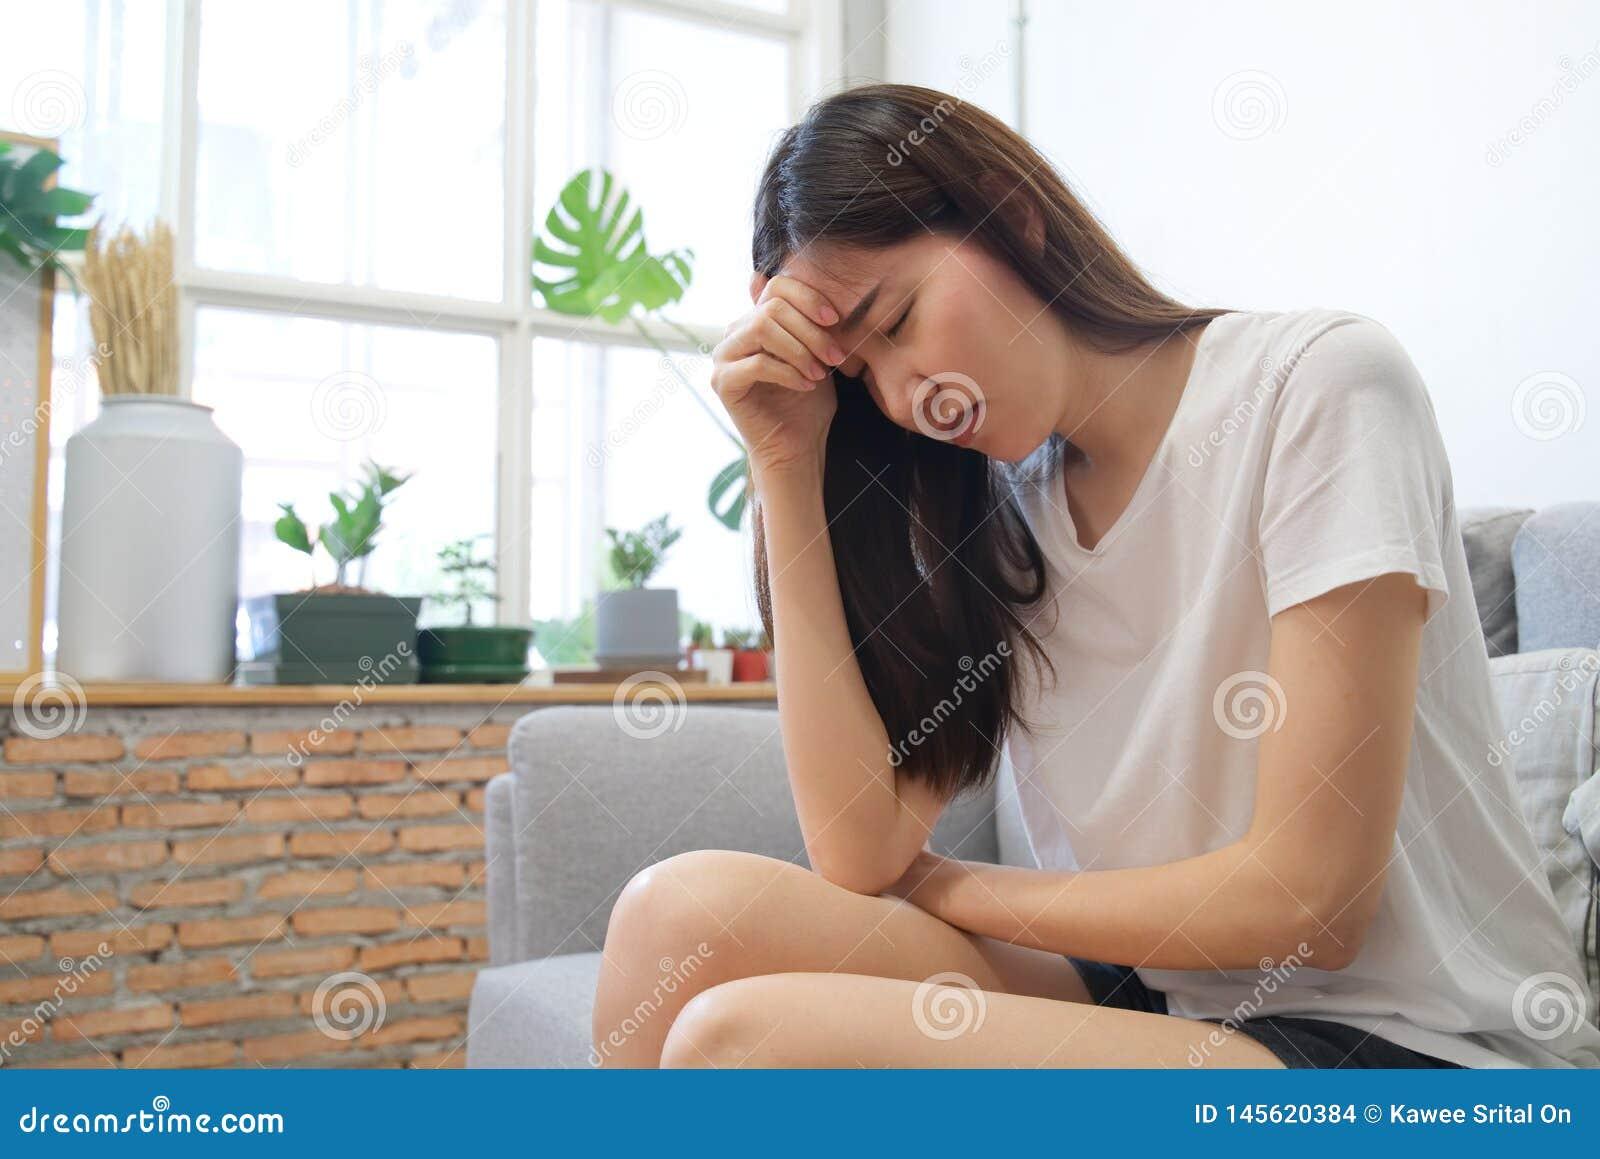 Mão em templos da menina asiática da tristeza infeliz nova que senta-se no sofá Está sentindo não muito bom devido a sua doença e